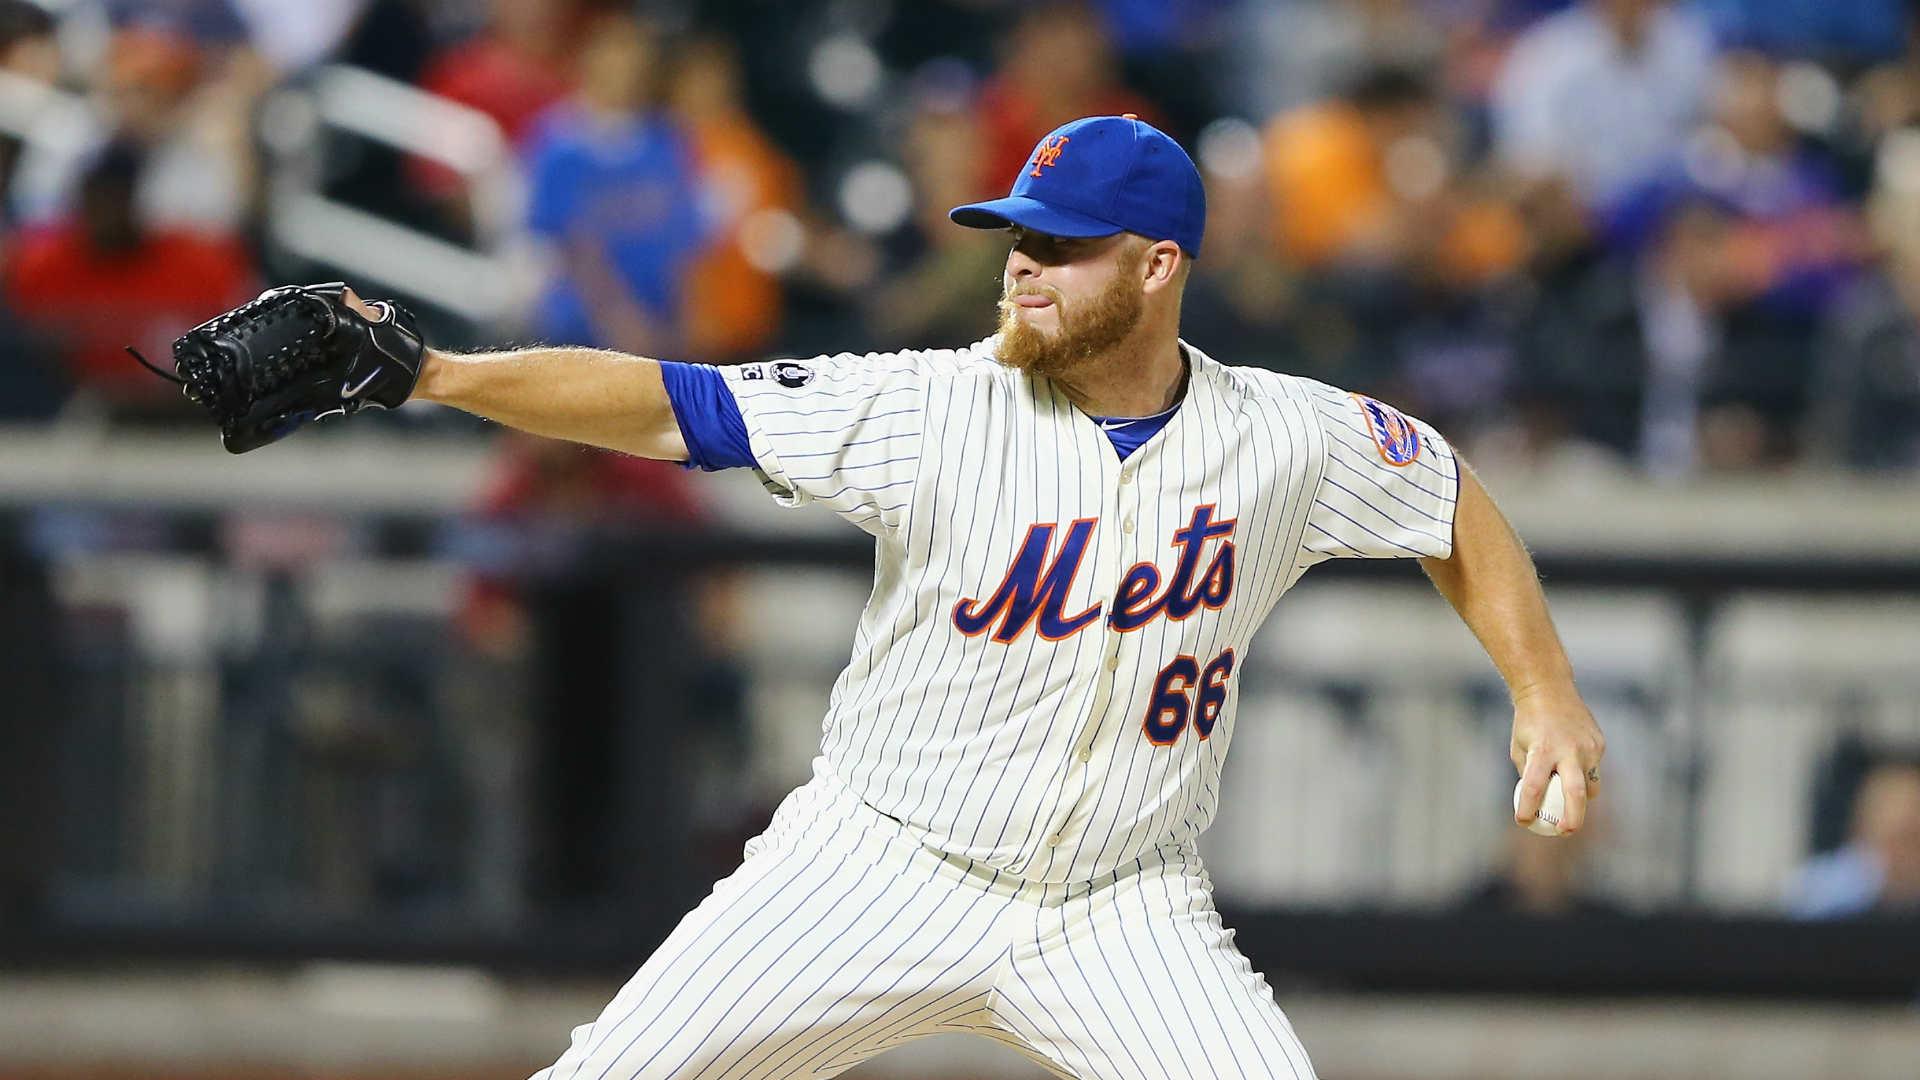 Mets left-hander Josh Edgin